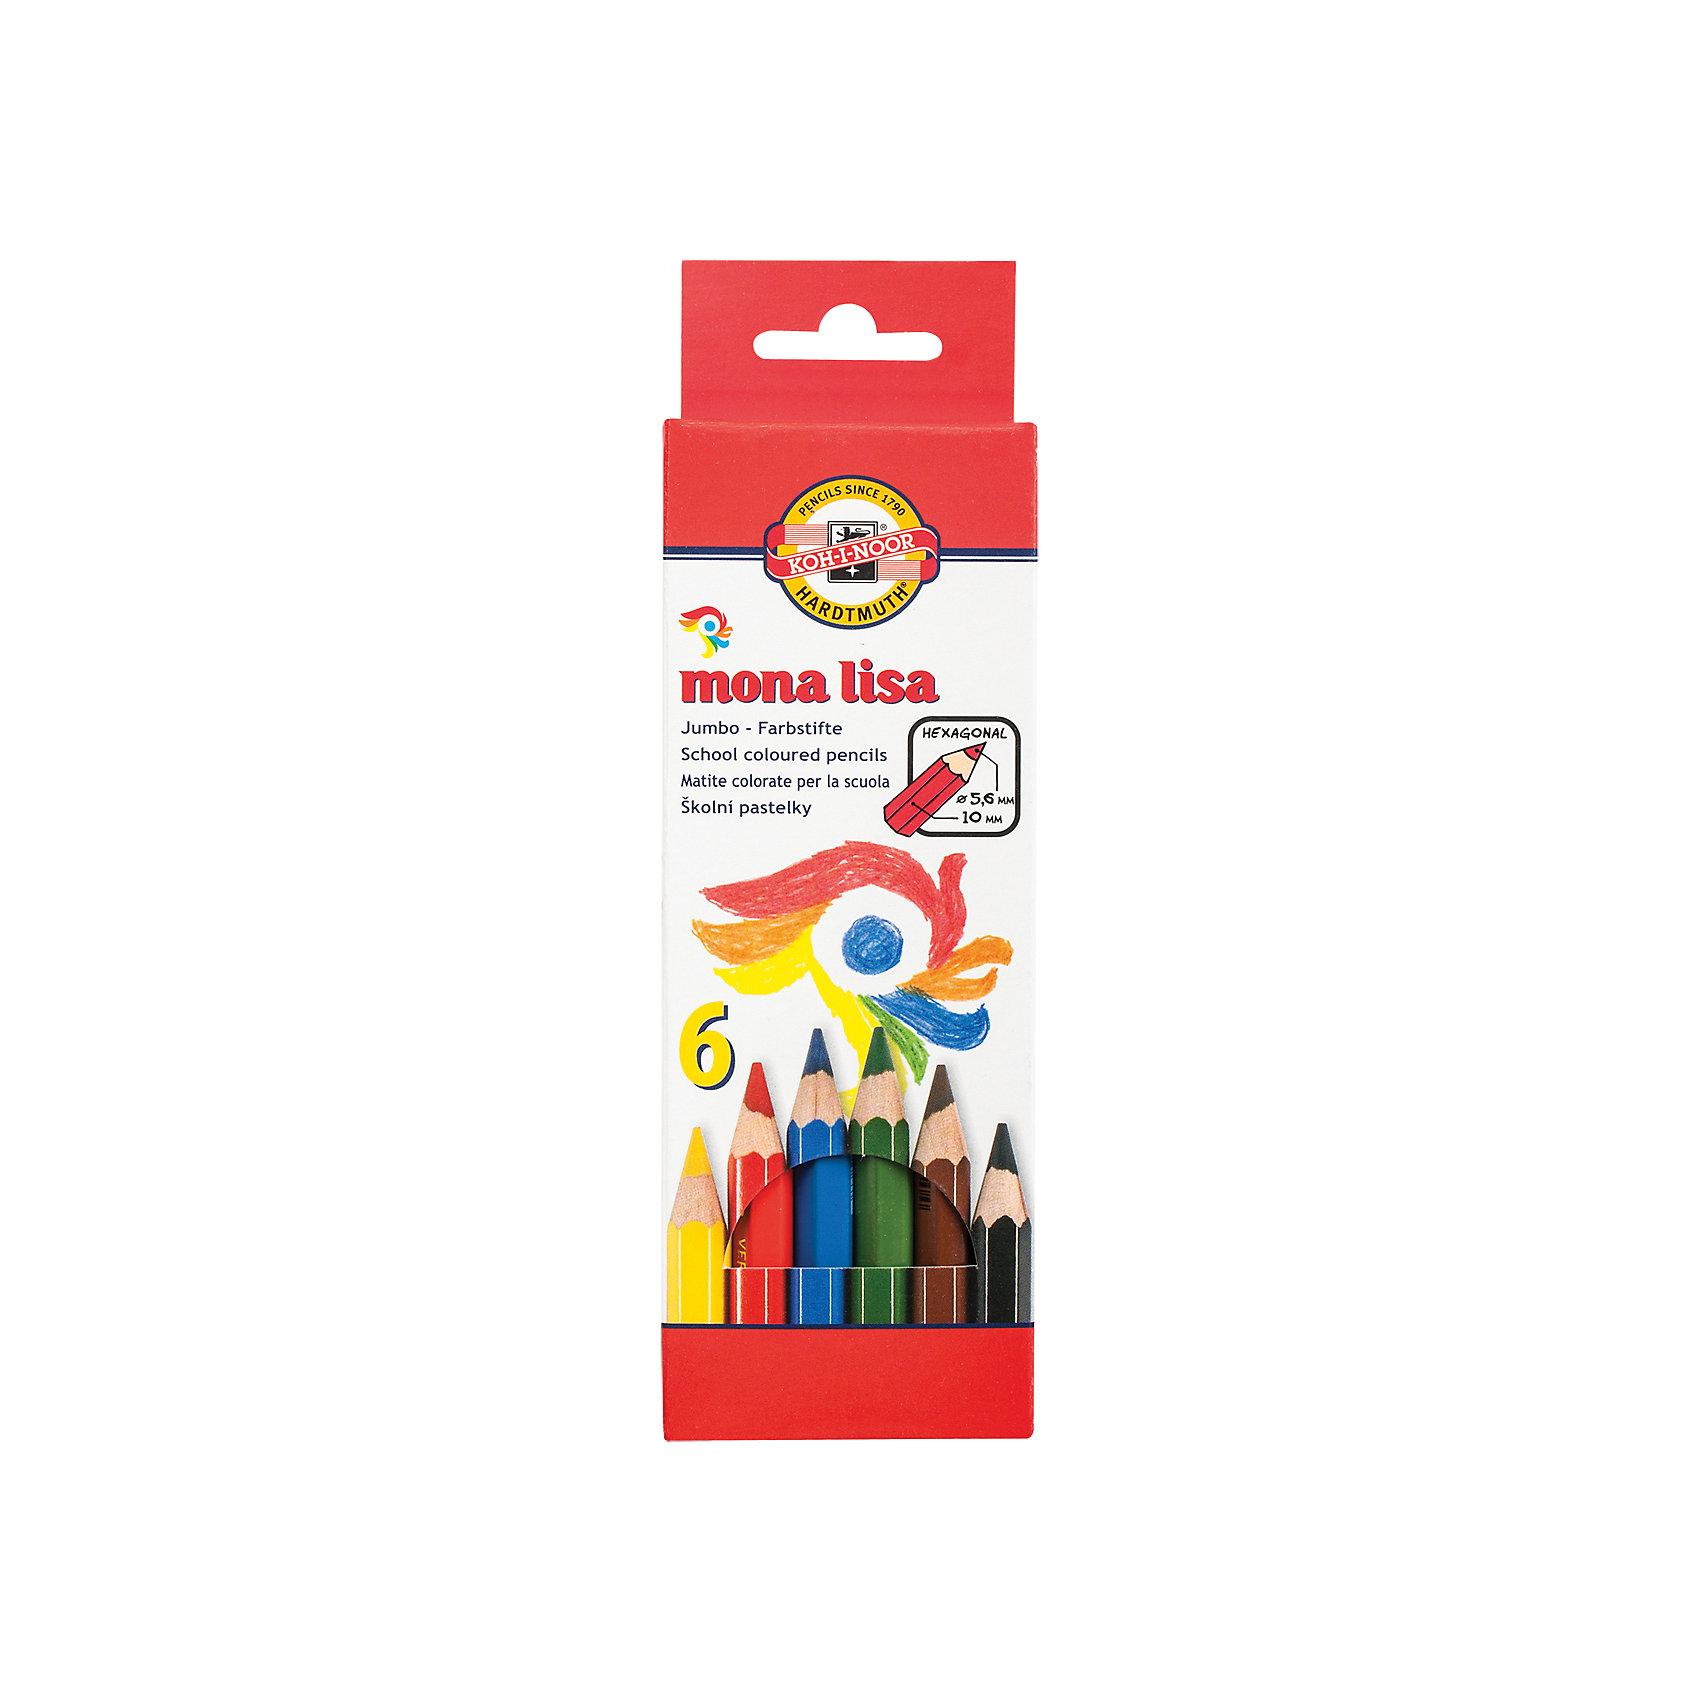 Цветные карандаши Mona Lisa, 6 цв., KOH-I-NOORРисование<br>Цветные заточенные карандаши изготовлены из экологически чистых материалов высшего качества. <br><br>Порадуйте своего юного художника приятным подарком!<br><br>Дополнительная информация: <br><br>- 6 цветов.<br>- Высокосортная древесина.<br>- Заточены.<br>- Шестигранная форма корпуса.<br>- Диаметр грифеля - 5,6 мм.<br>- Размер упаковки: 13,5х20х0,6 см.<br>- Вес в упаковке: 90 г.<br><br>Цветные карандаши Mona Lisa  KOH-I-NOOR можно купить в нашем магазине.<br><br>Ширина мм: 135<br>Глубина мм: 200<br>Высота мм: 6<br>Вес г: 90<br>Возраст от месяцев: 72<br>Возраст до месяцев: 2147483647<br>Пол: Унисекс<br>Возраст: Детский<br>SKU: 4792672